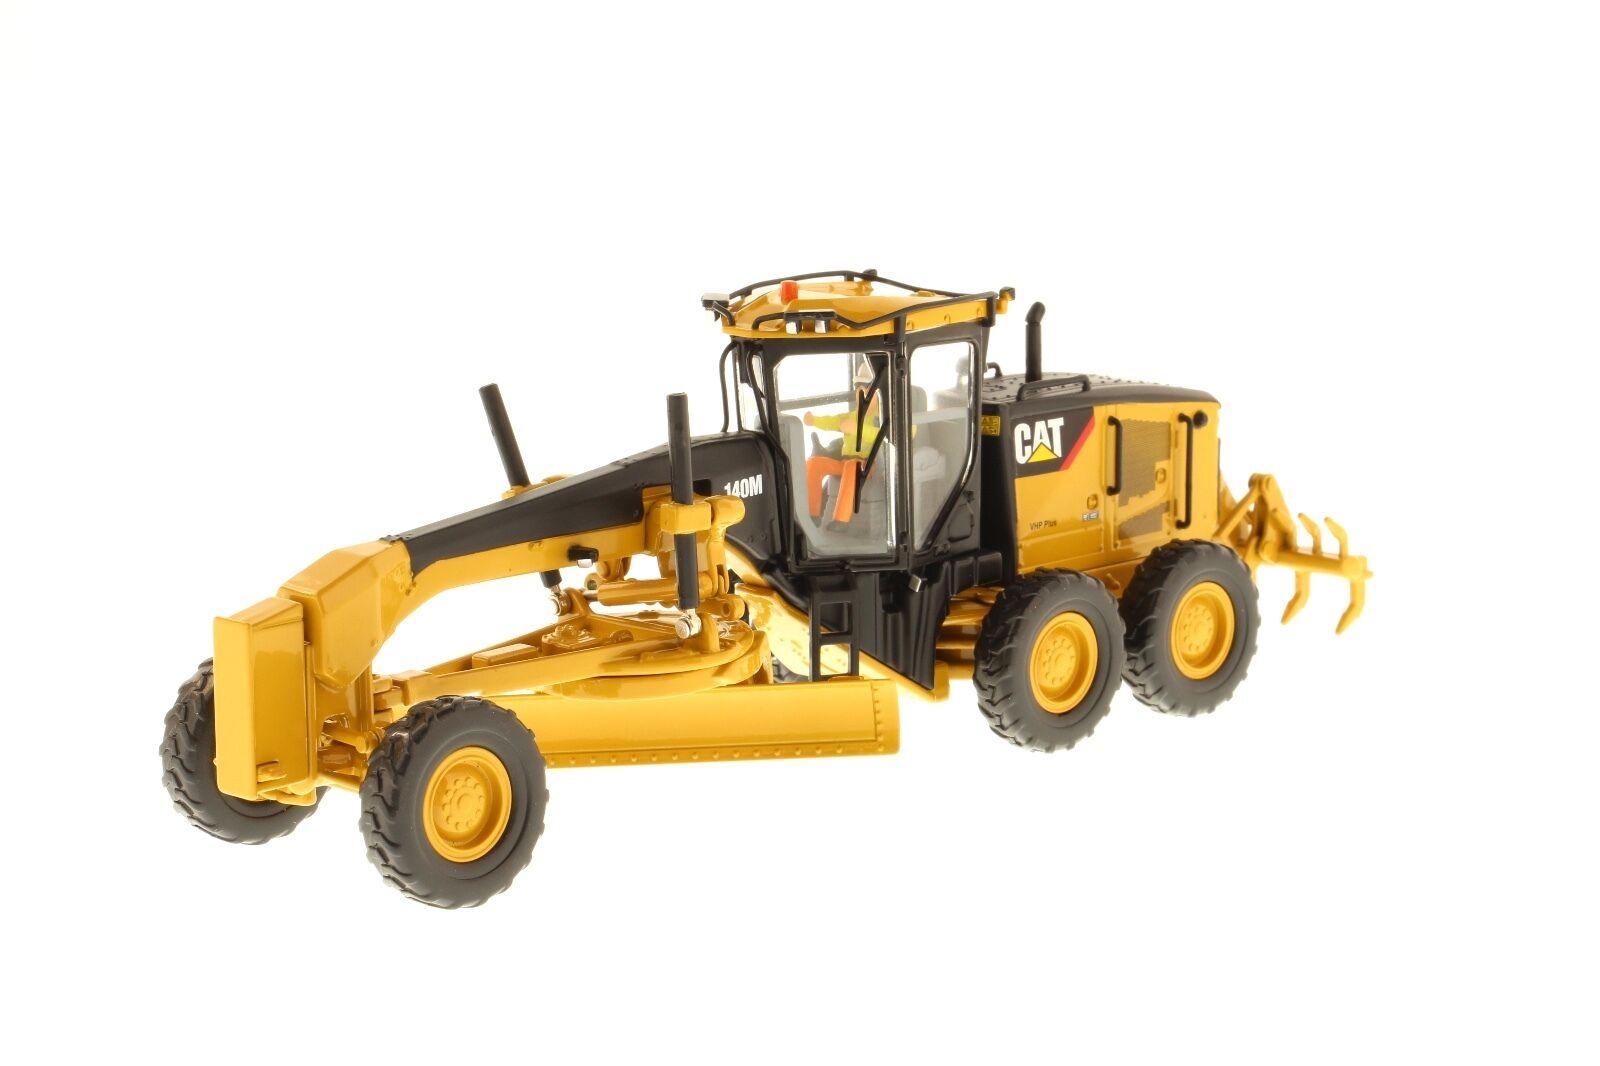 Caterpillar® 1 50 scale Cat 140M Motor Grader -  Diecast Masters 85236  haute qualité et expédition rapide